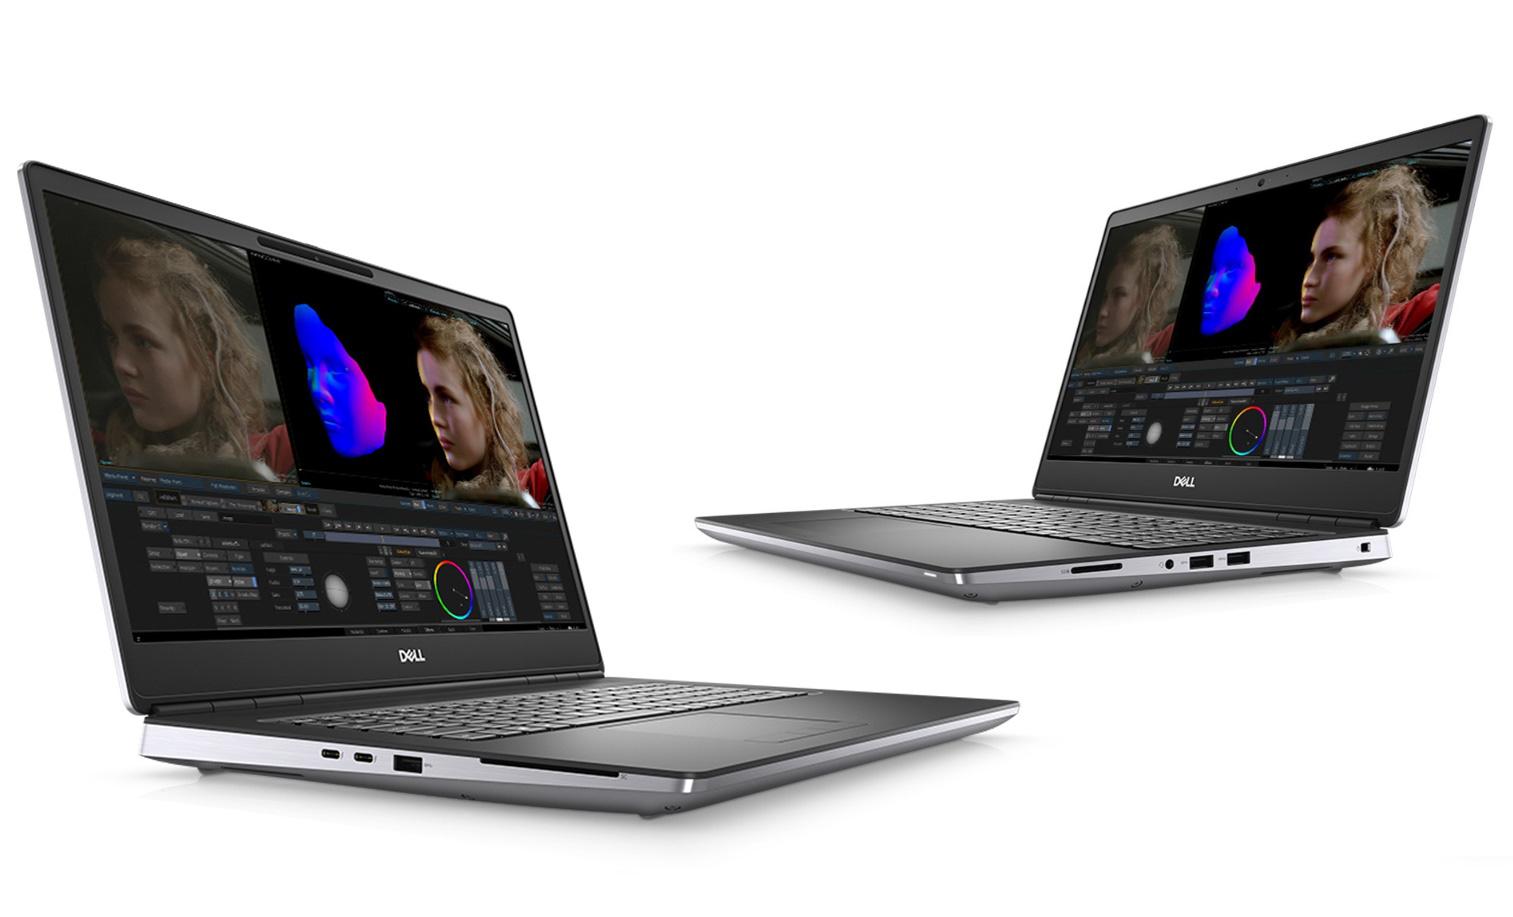 Máy trạm xách tay Precision của Dell: Bùng nổ với hàng loạt đột phá mới - Ảnh 3.